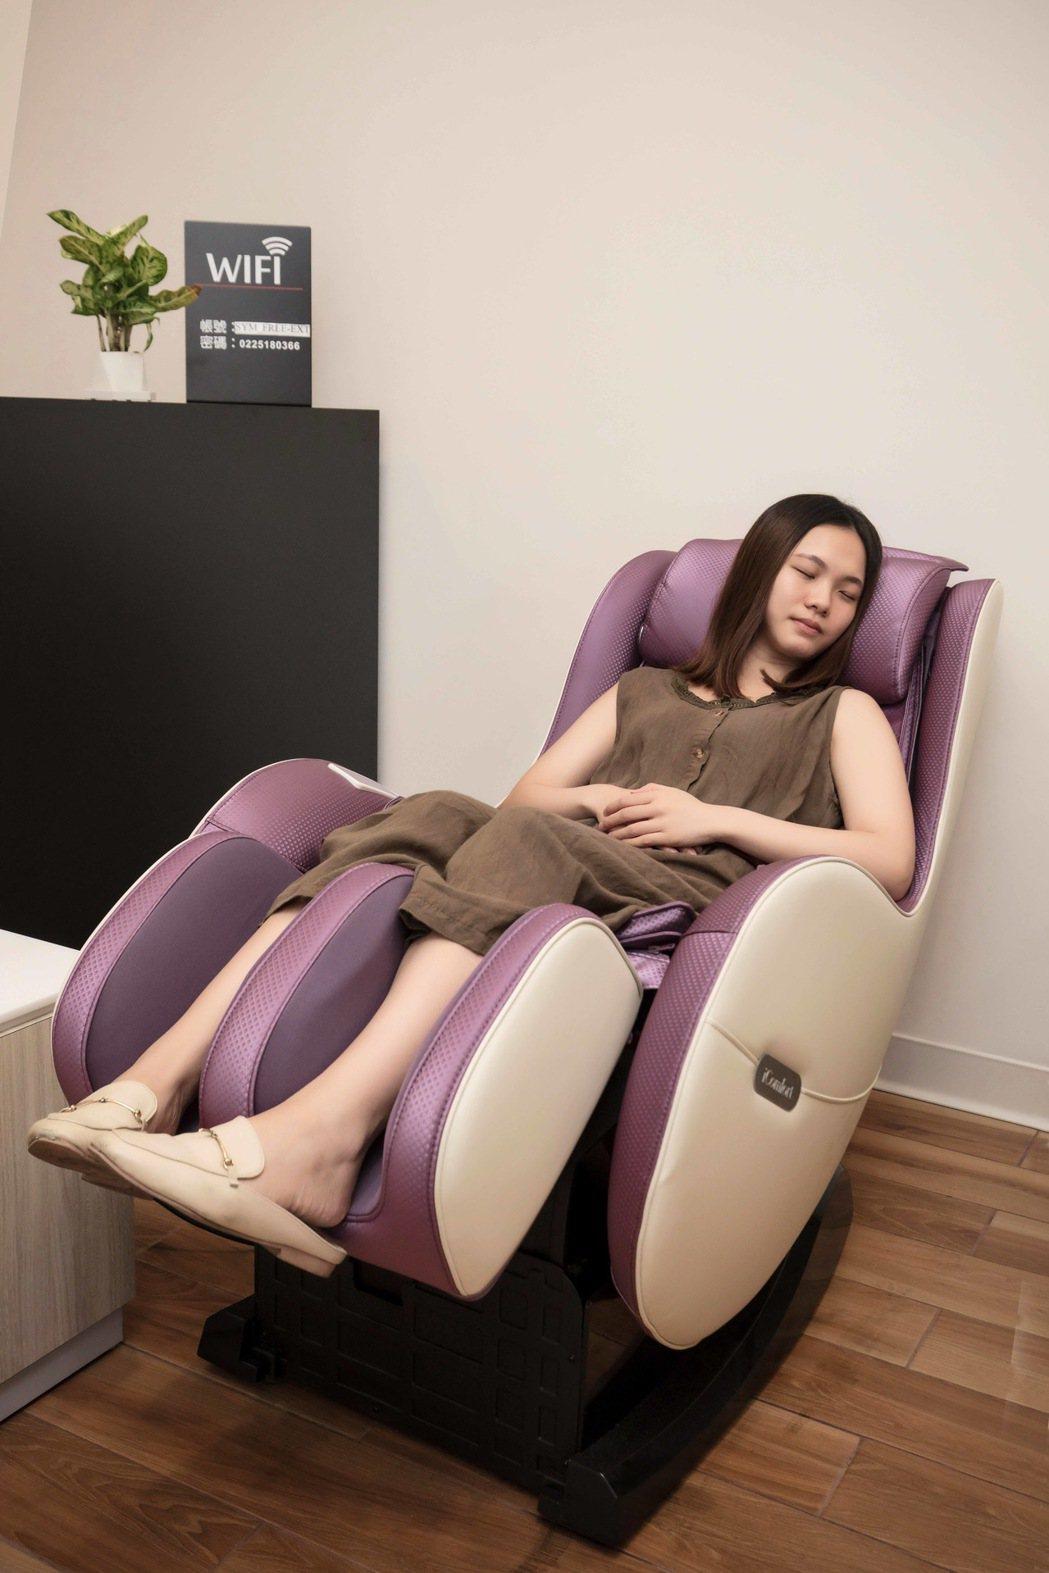 三菱新VI據點設有按摩椅紓解車主疲勞。 圖/中華三菱提供